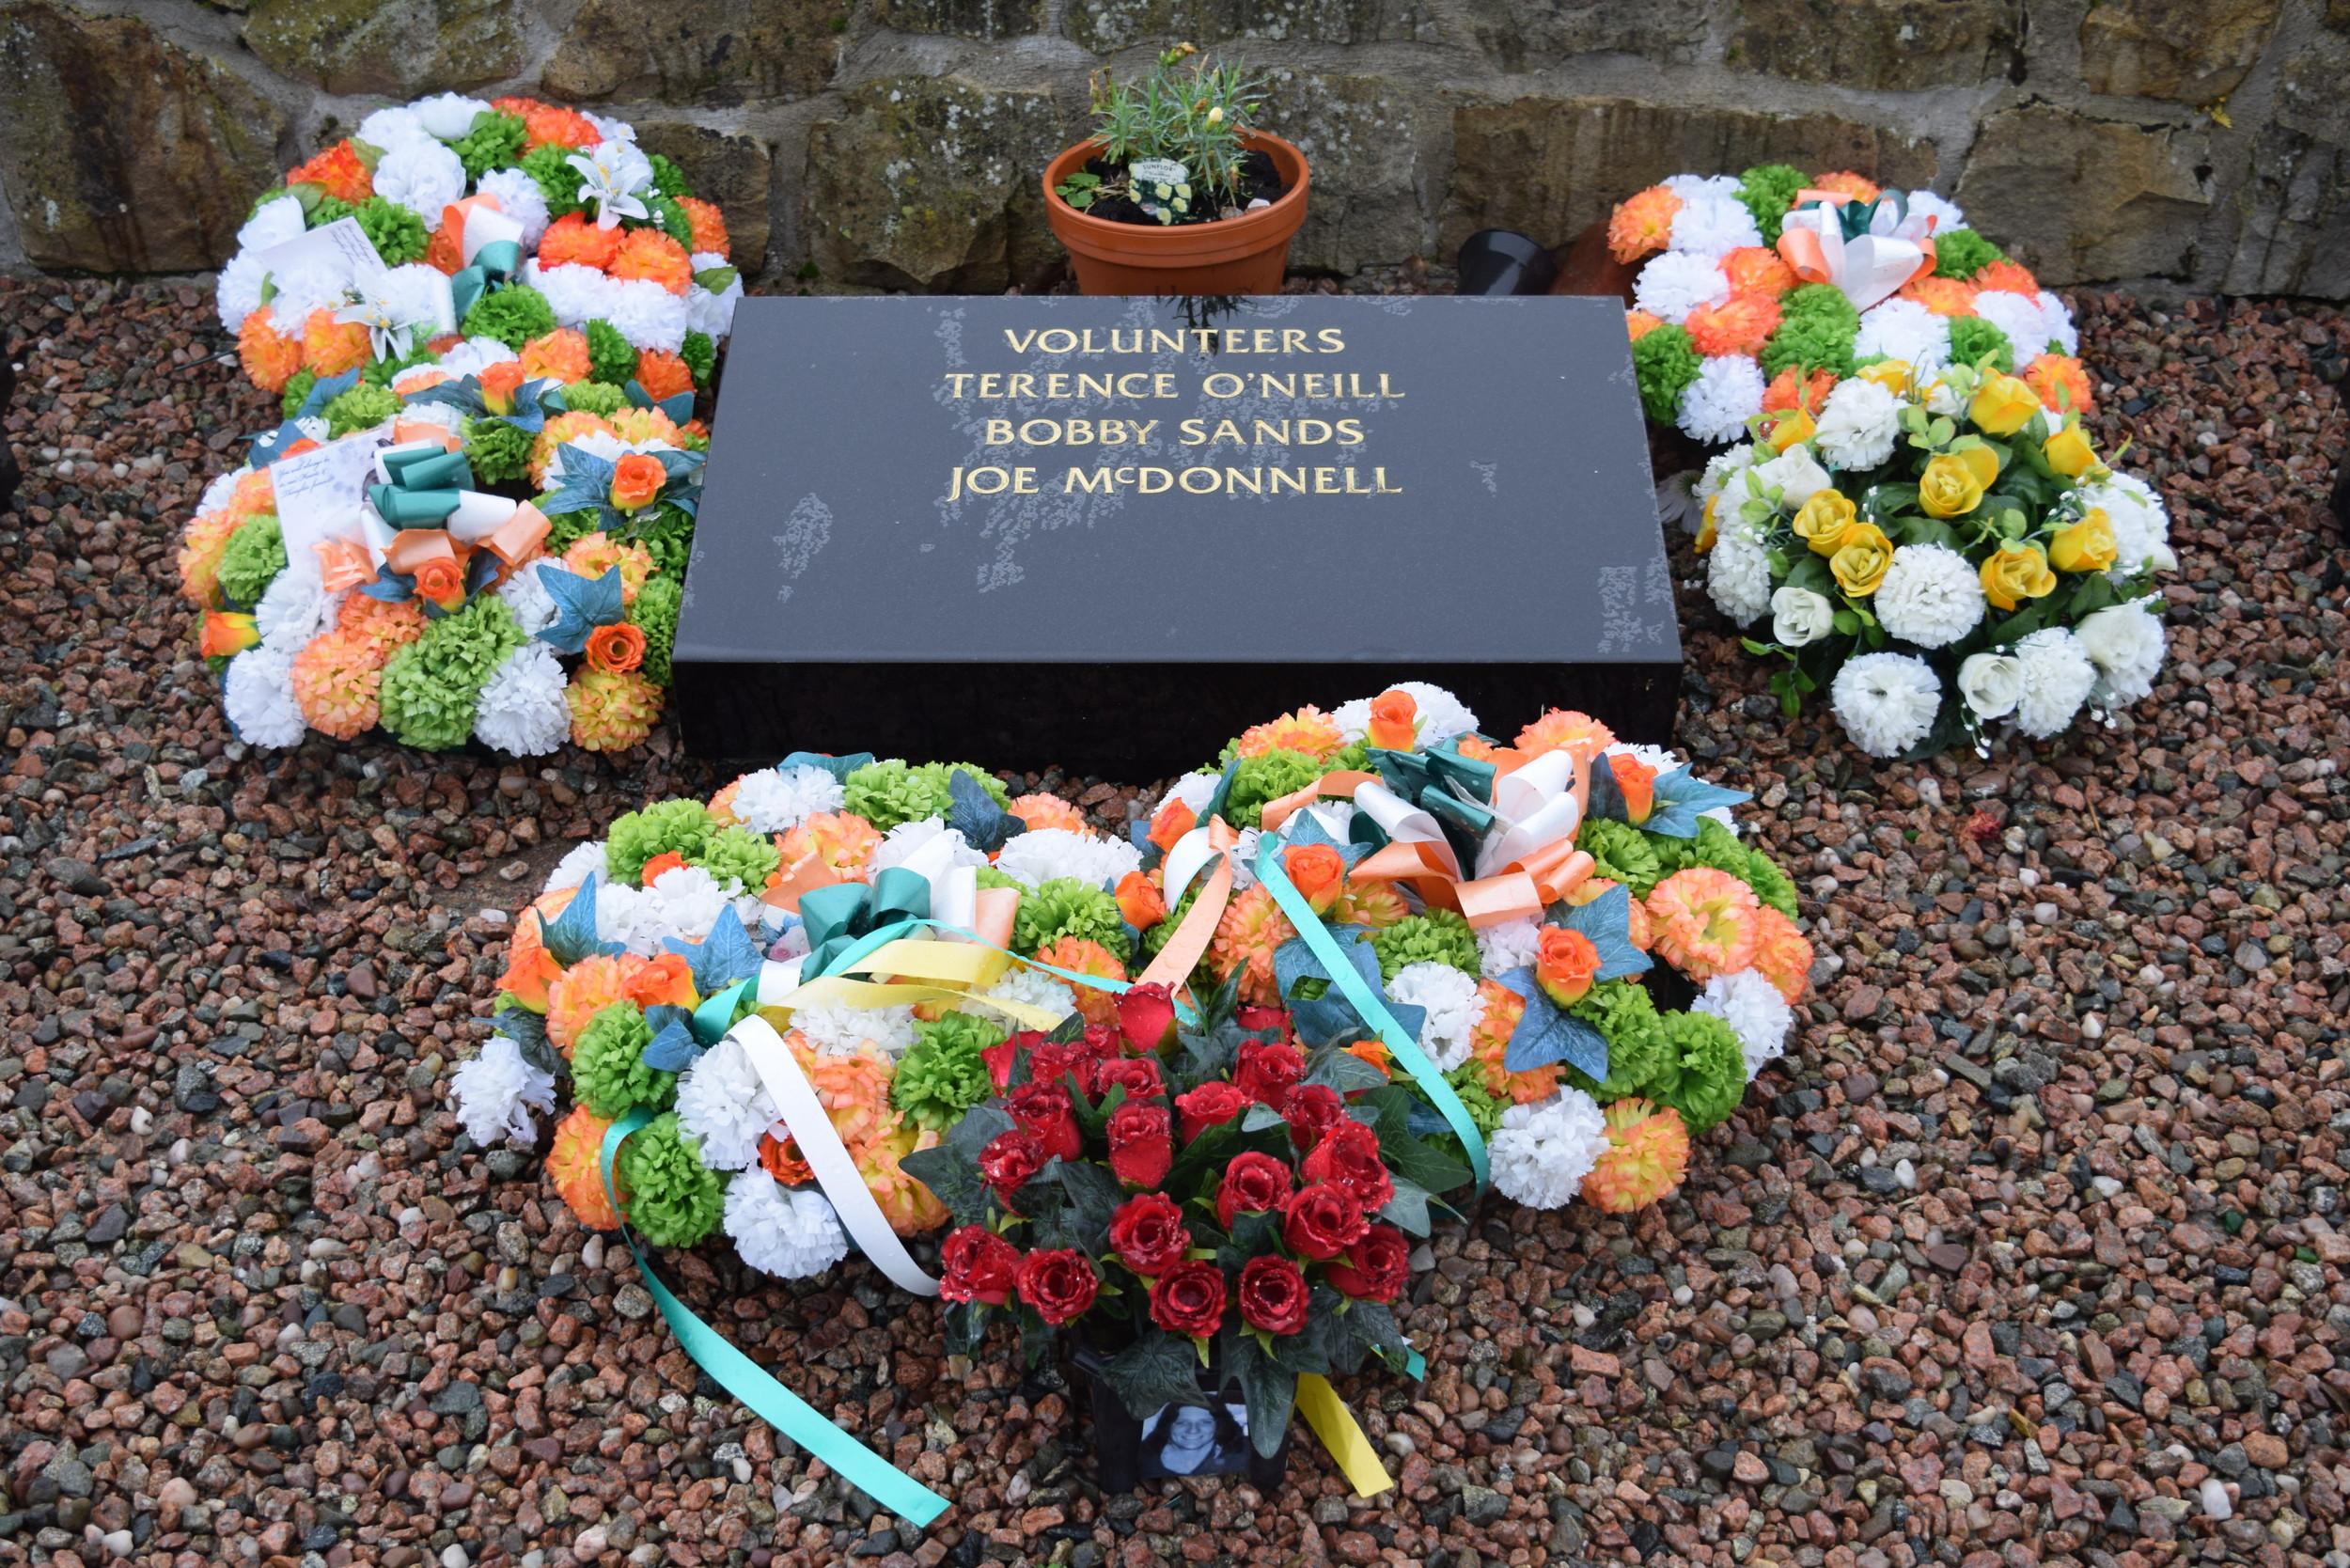 Grave of Bobby Sands, Milltown Cemetery, Belfast